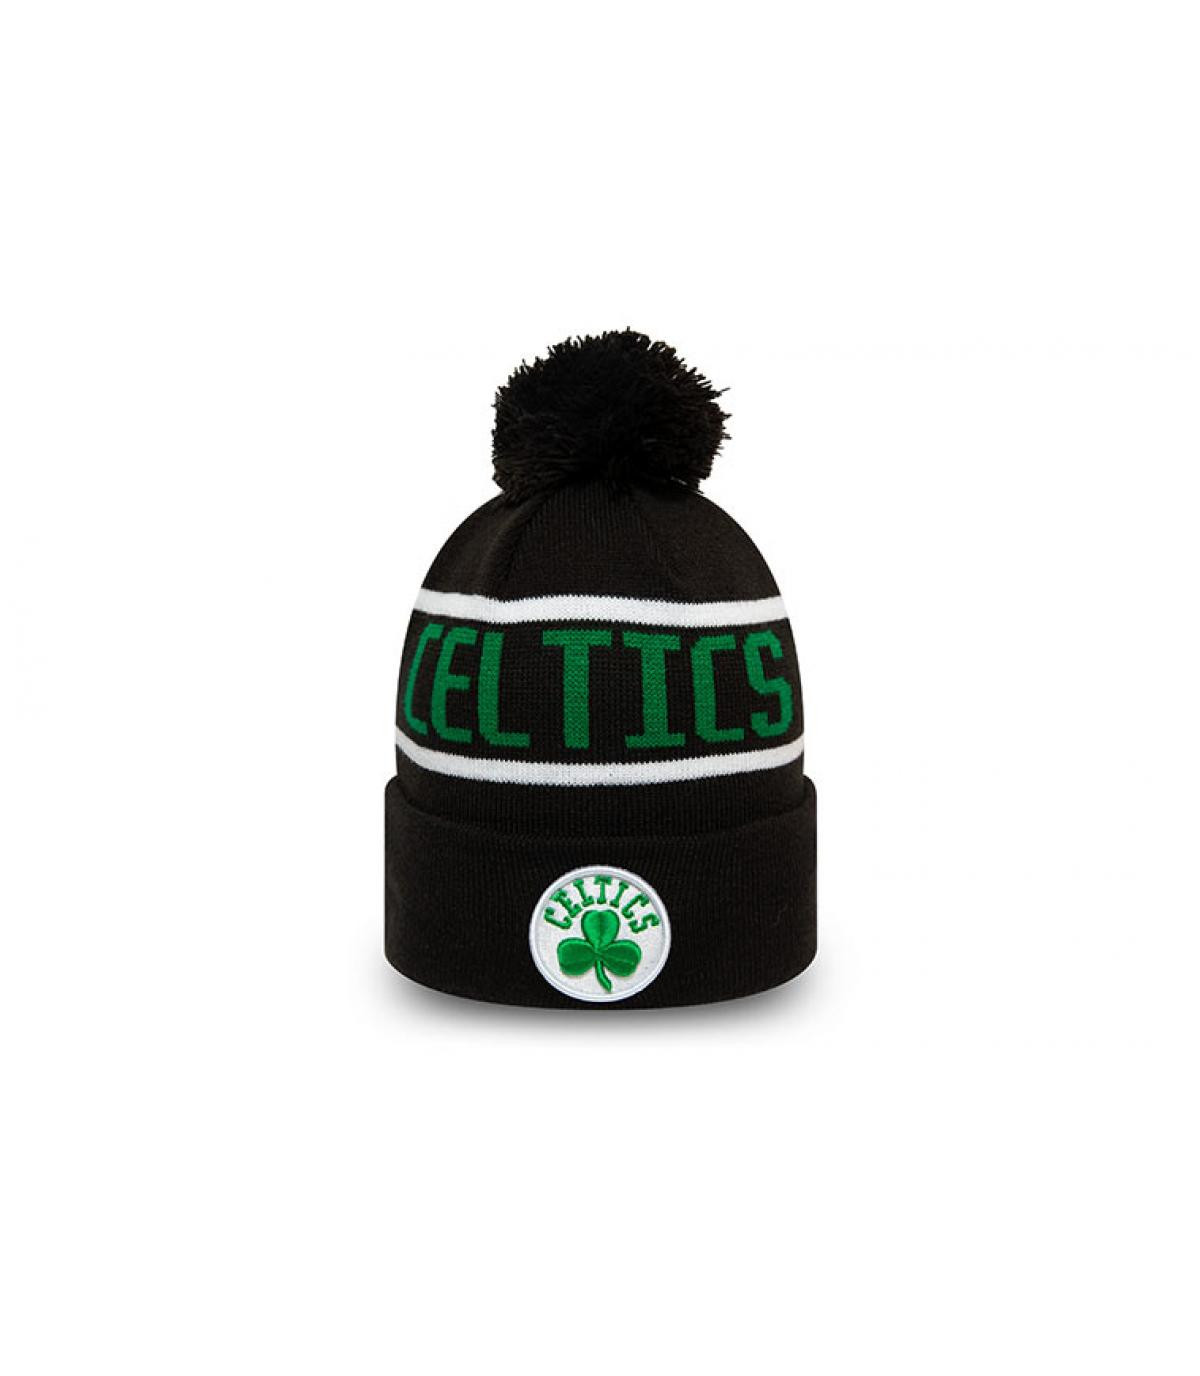 Détails Bobble Knit Celtics - image 2